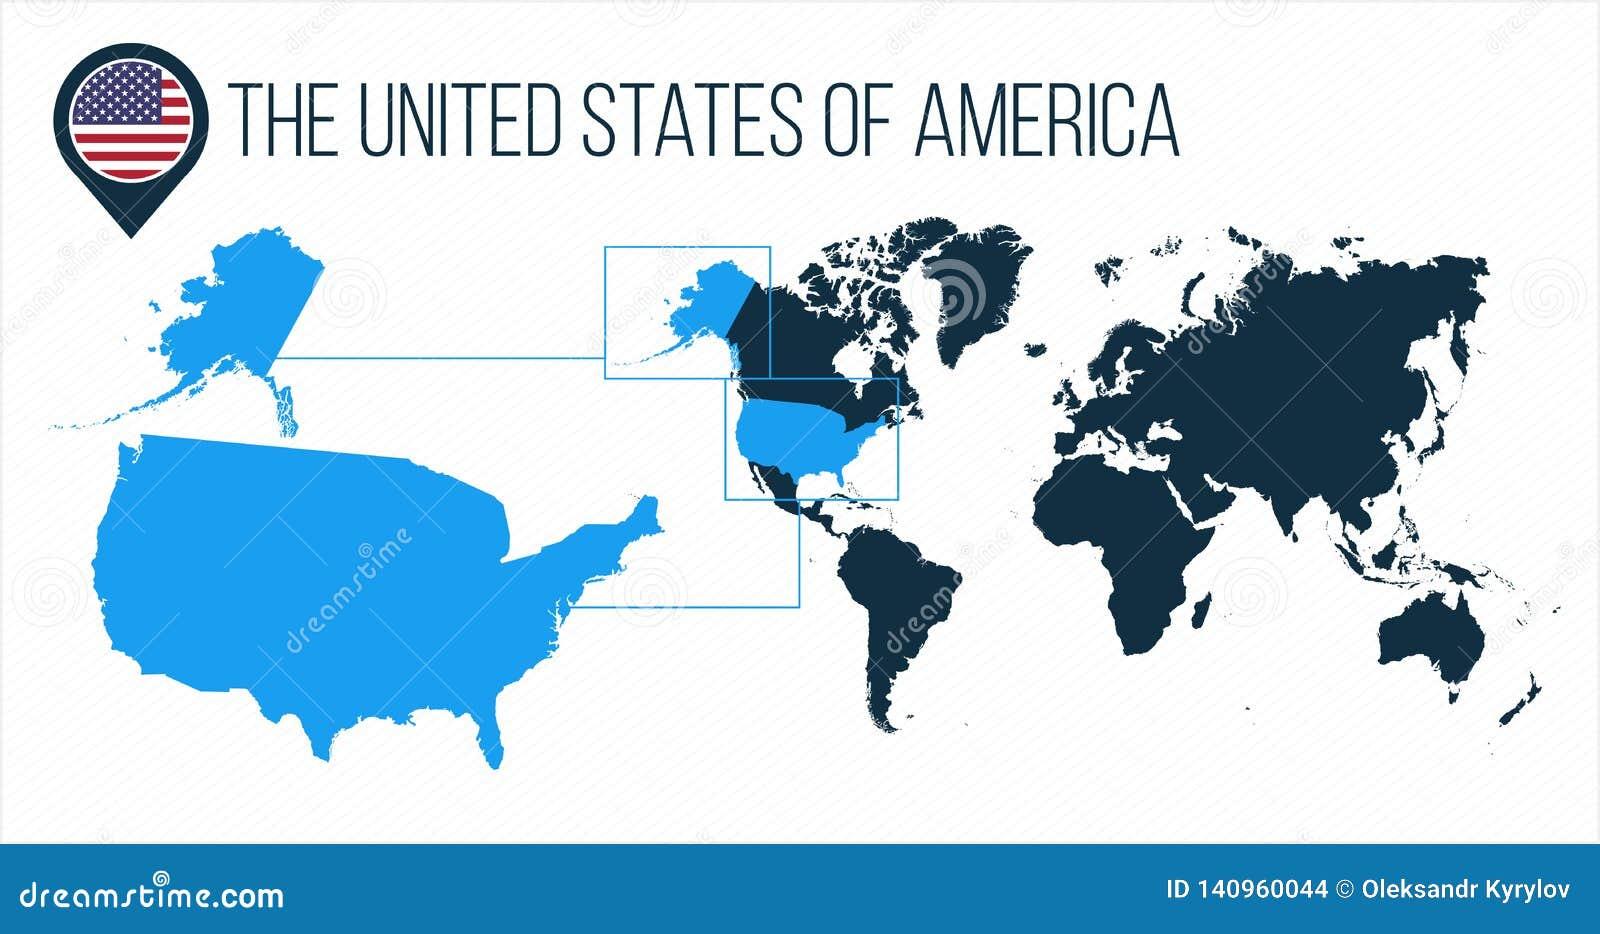 El mapa de los Estados Unidos de América los E.E.U.U. situado en un mapa del mundo con la bandera e indicador o perno del mapa Ma